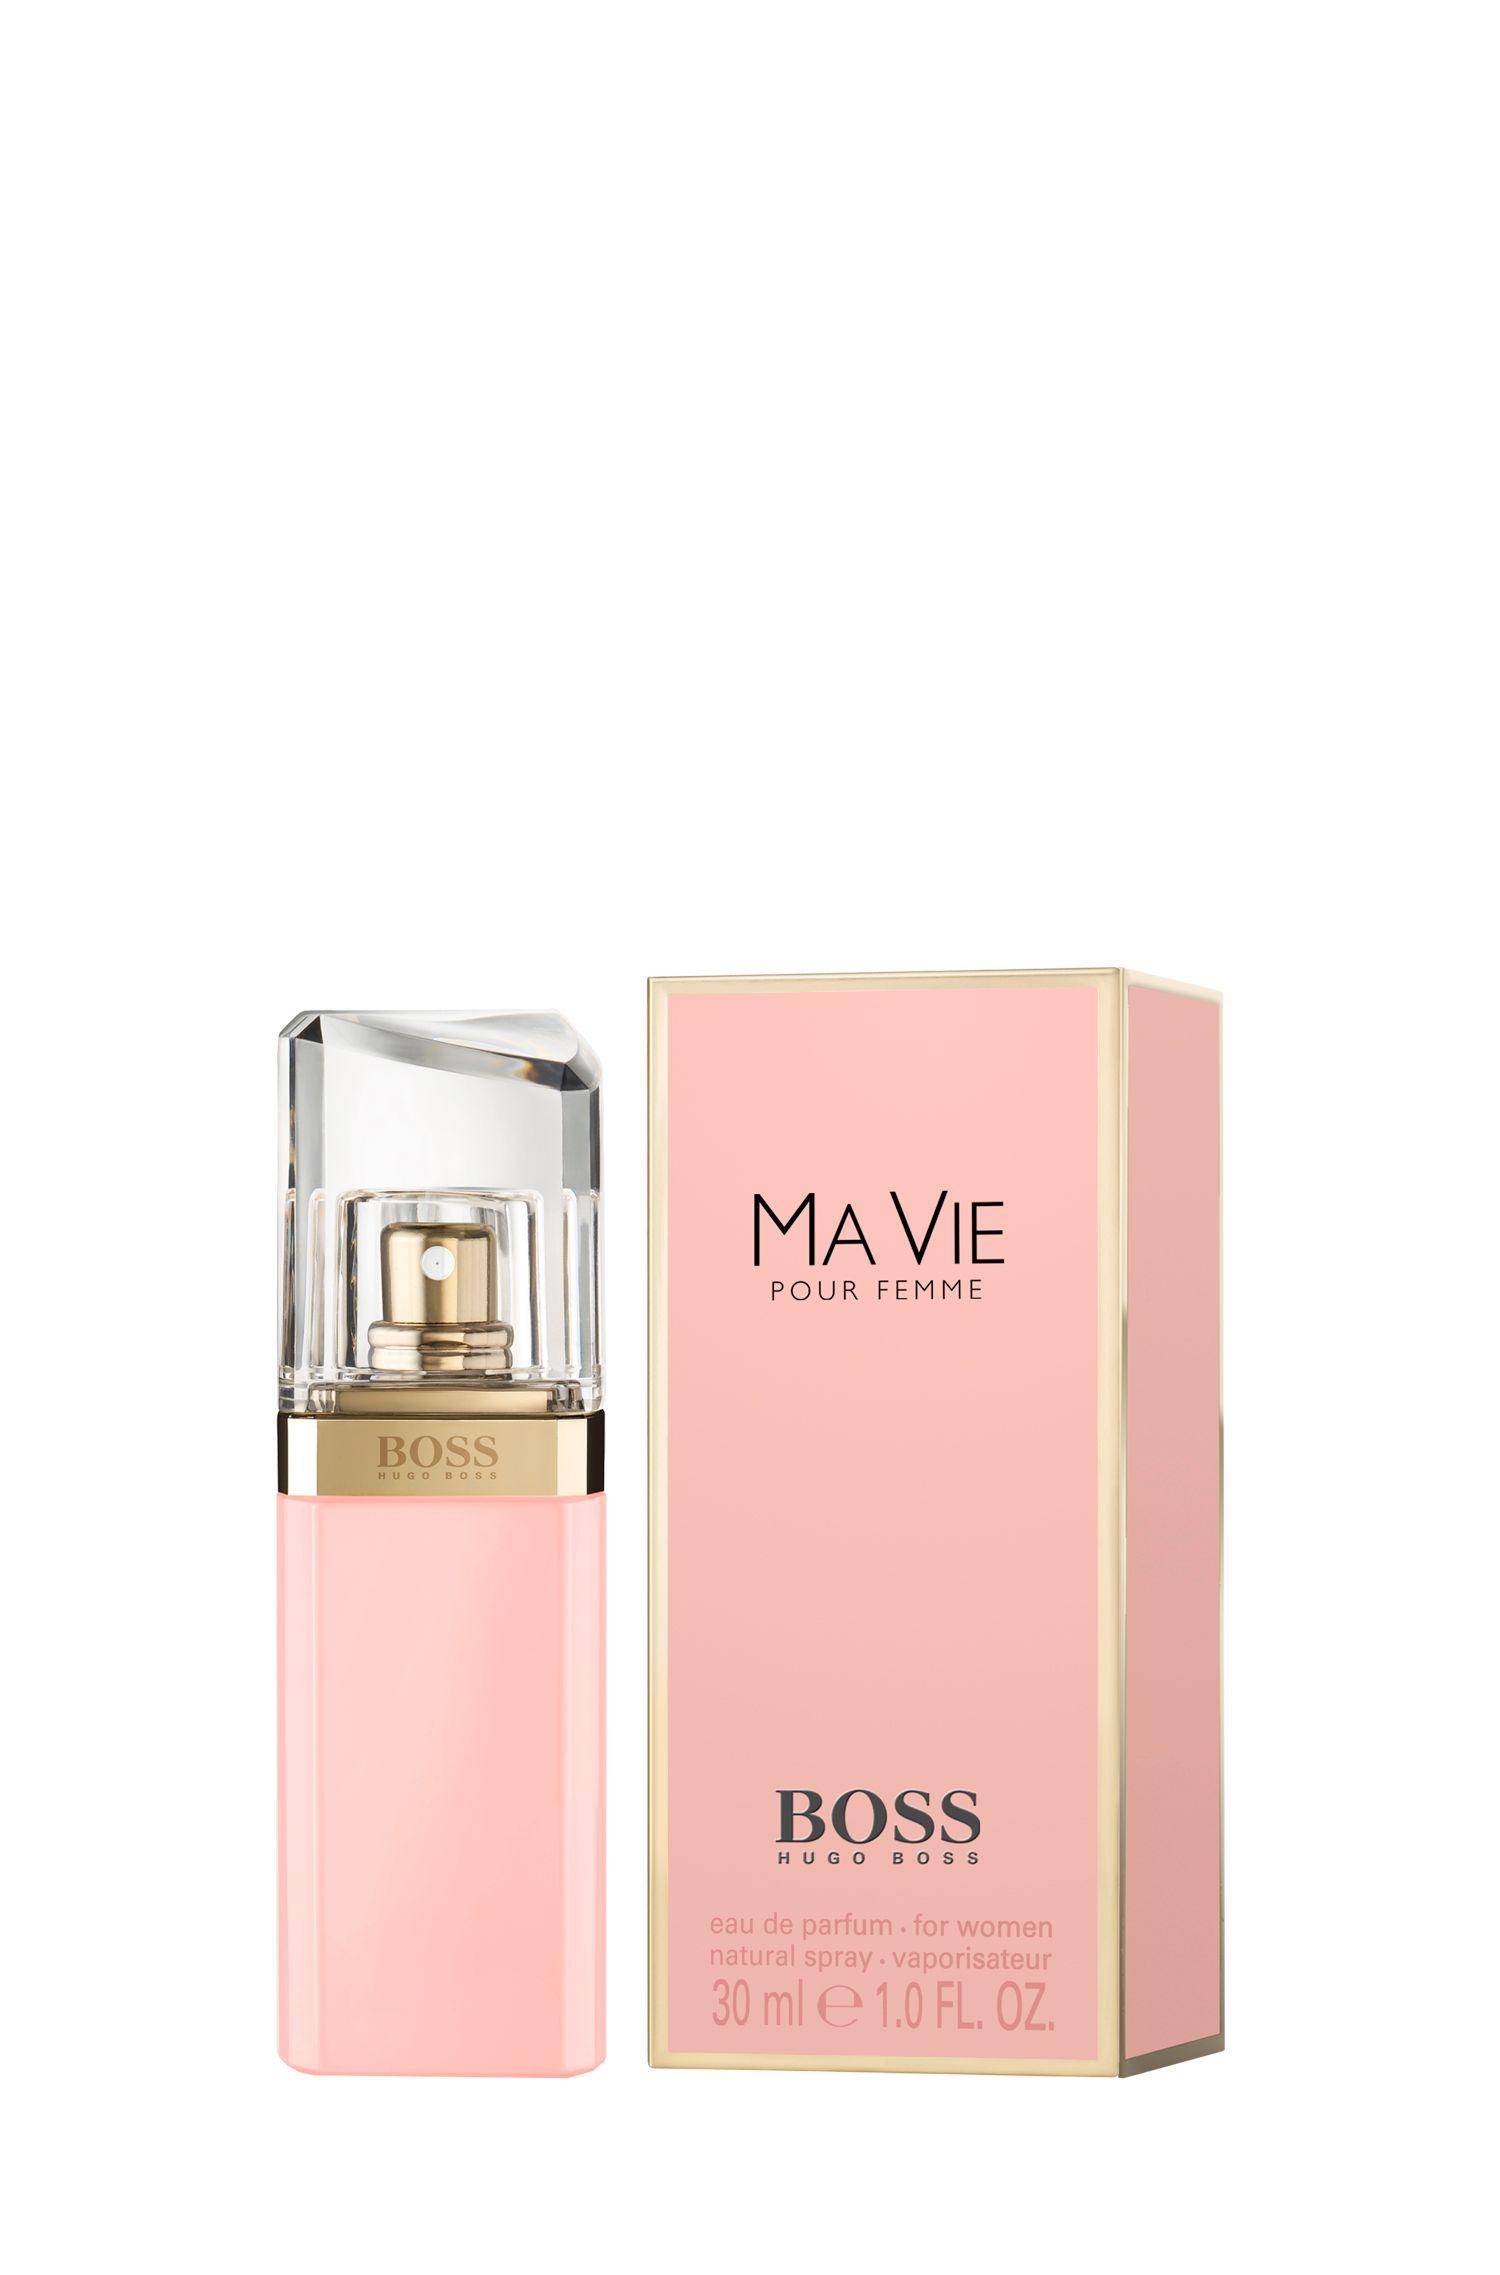 Eau de parfum BOSS Ma Vie pour femme da 30ml